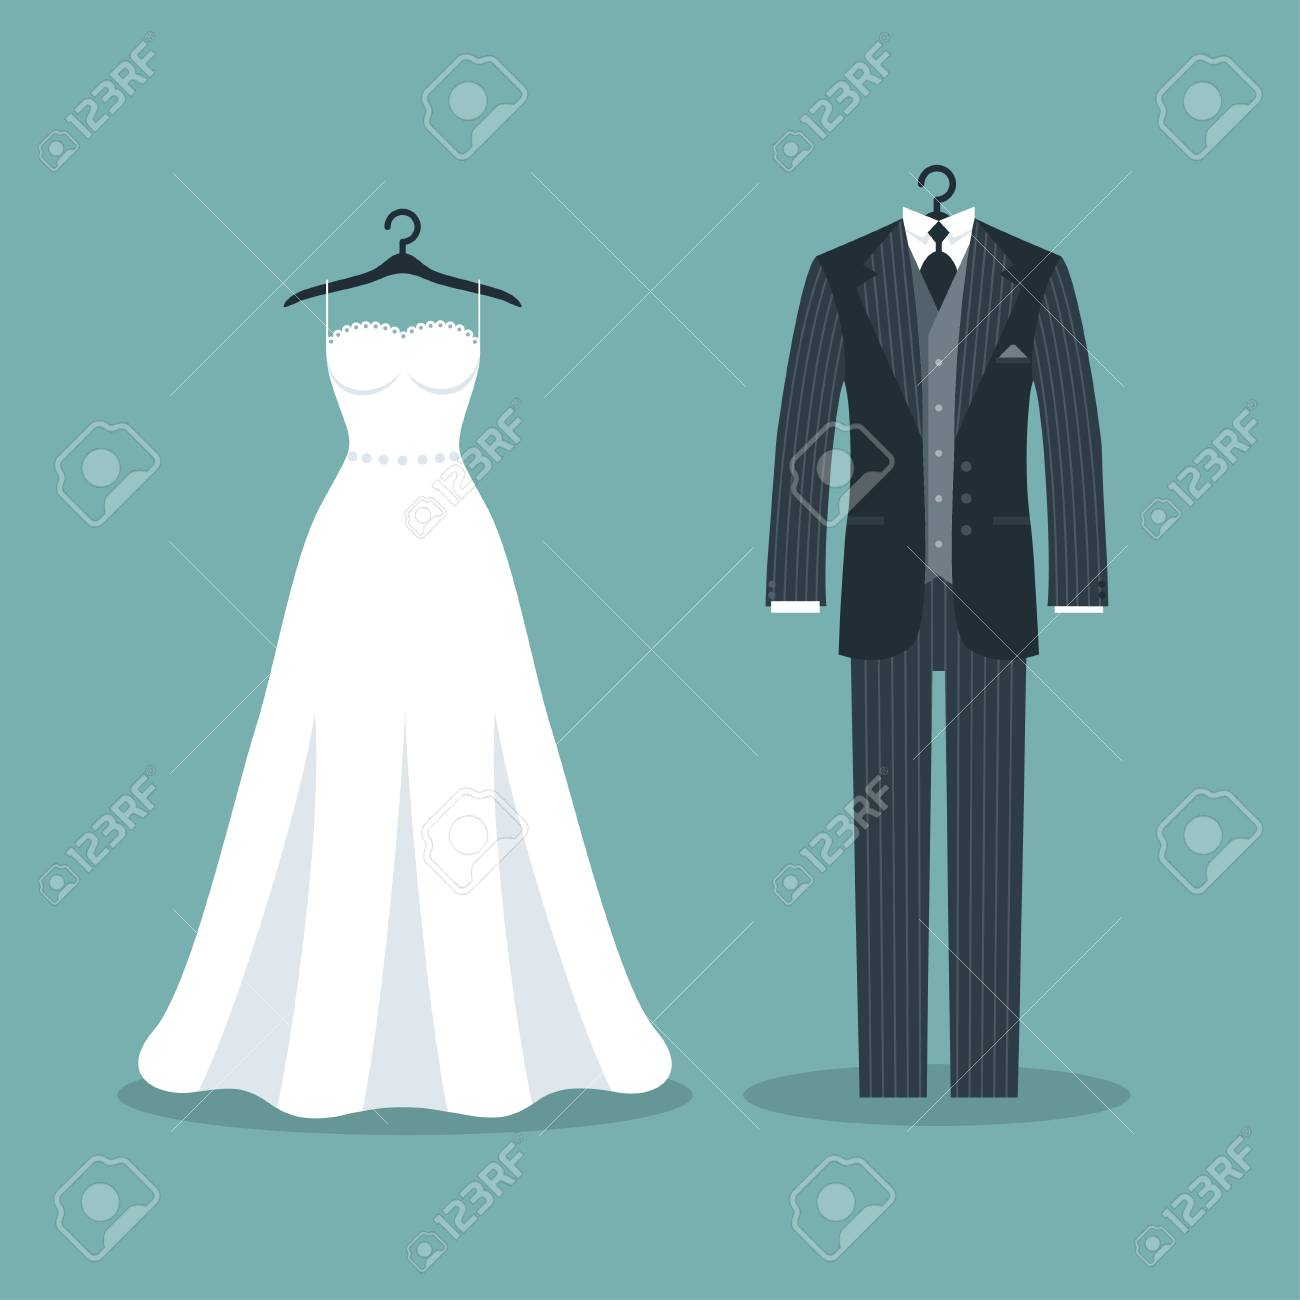 Brautkleider Und Kostüme. Vektor-Illustration Lizenzfrei Nutzbare ...